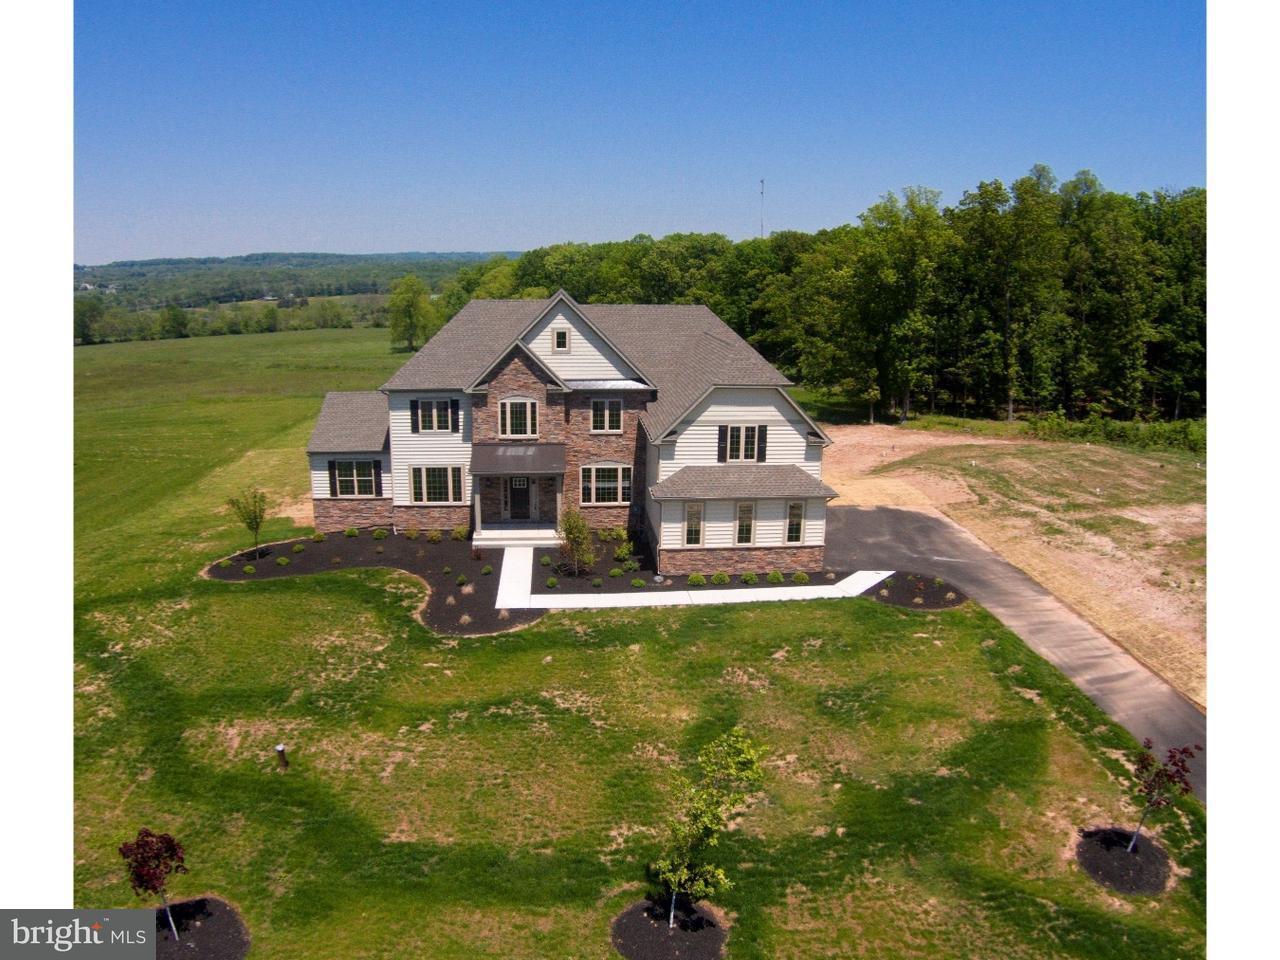 Maison unifamiliale pour l Vente à 6 HOLCOMBE GROVE Road Lambertville, New Jersey 08530 États-UnisDans/Autour: West Amwell Township